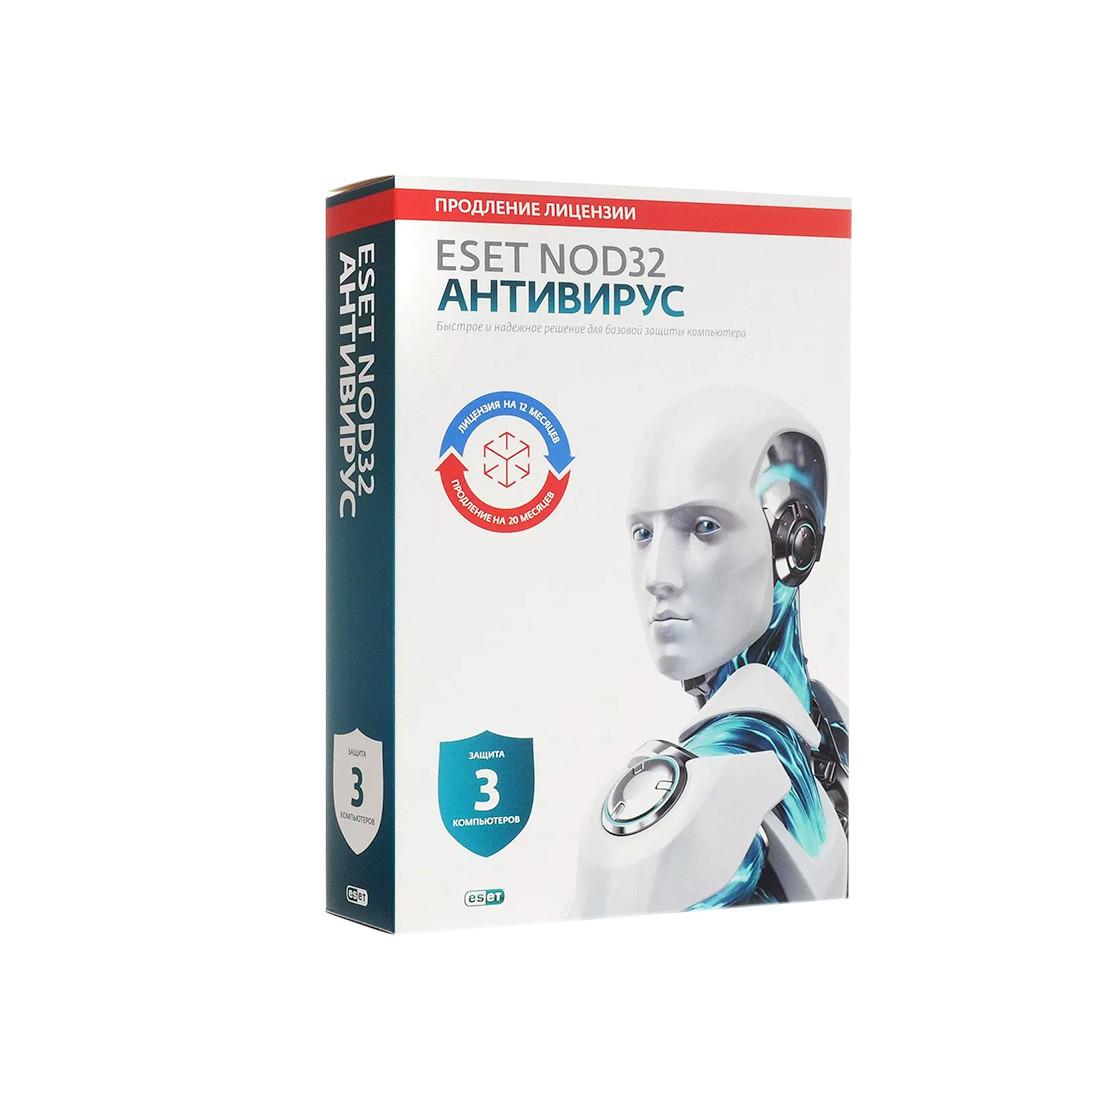 Антивирус Eset NOD32 BOX продление лицензии или новая лицензия на 1 год 3ПК